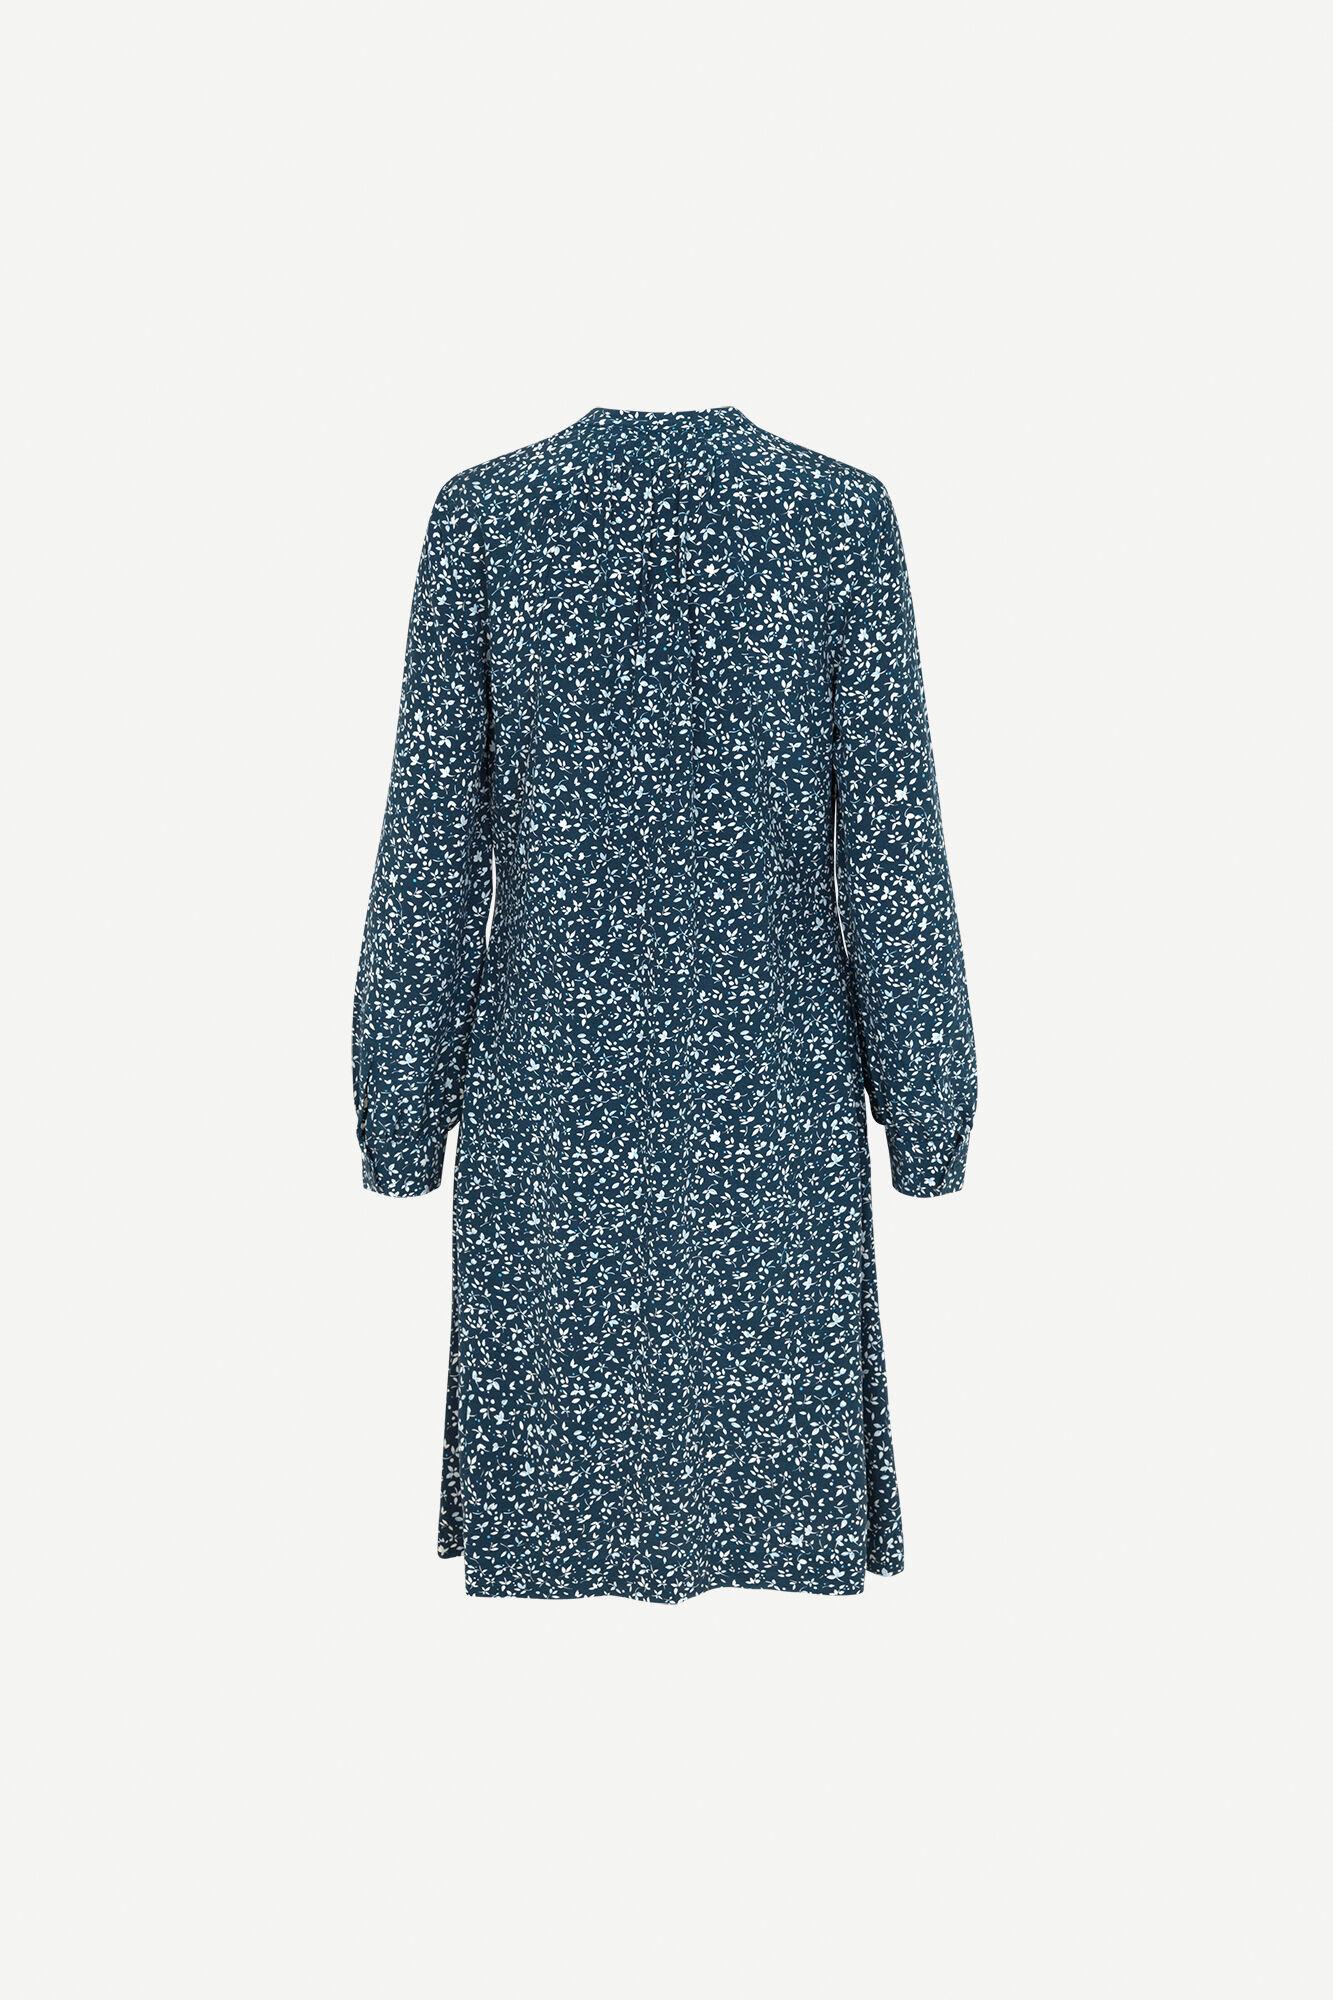 Nusa shirt dress aop 10864